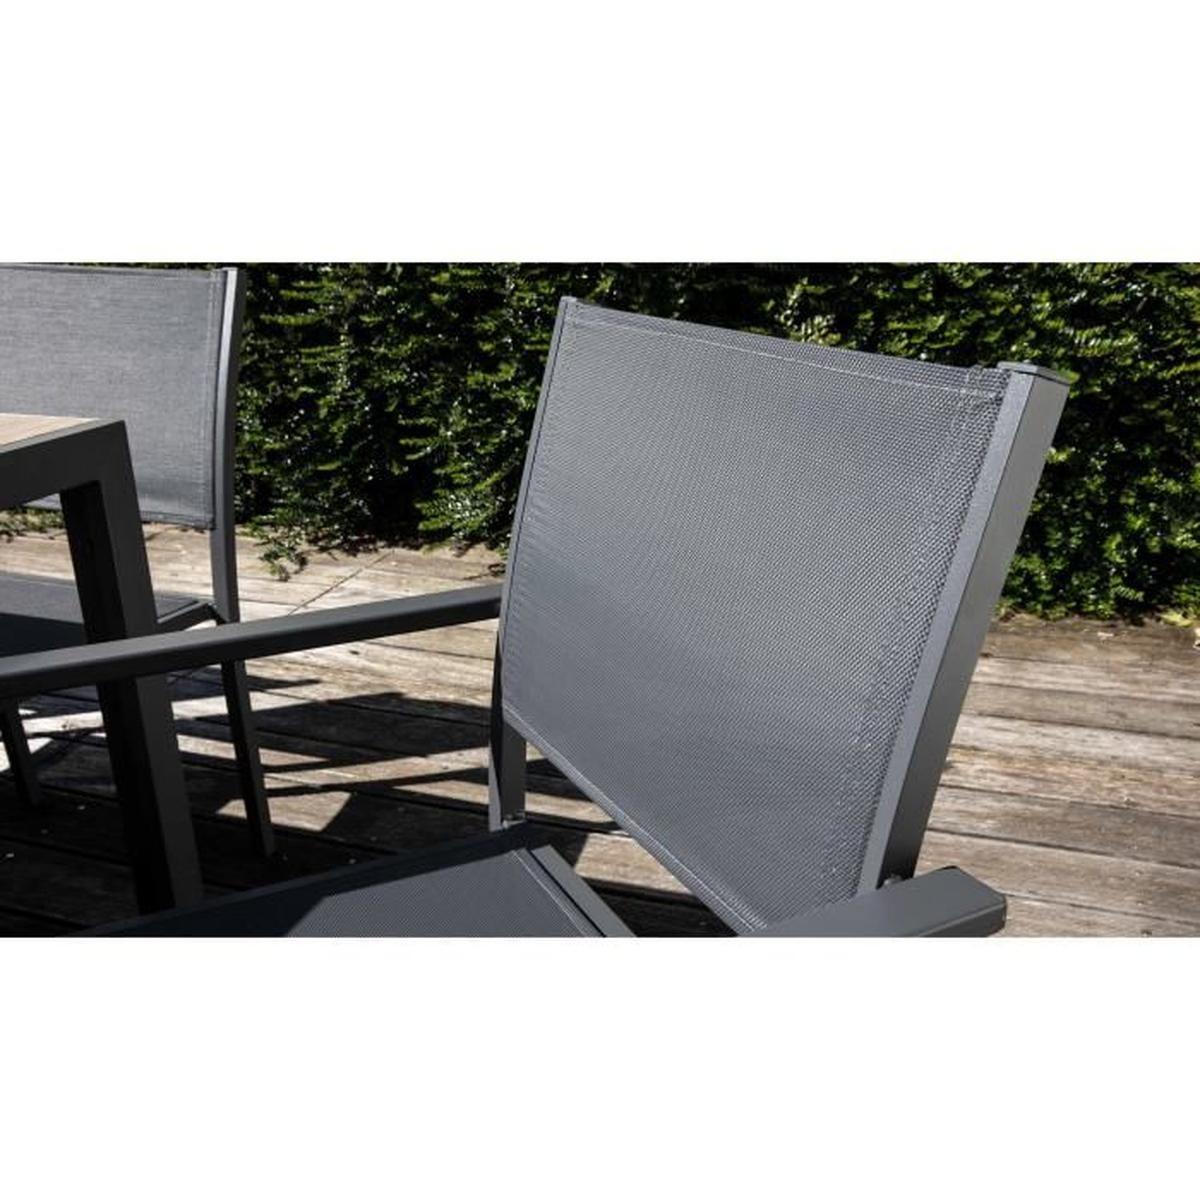 Table De Jardin 10 Places Aluminium Et Céramique - Ensemble ... pour Table Jardin Cdiscount